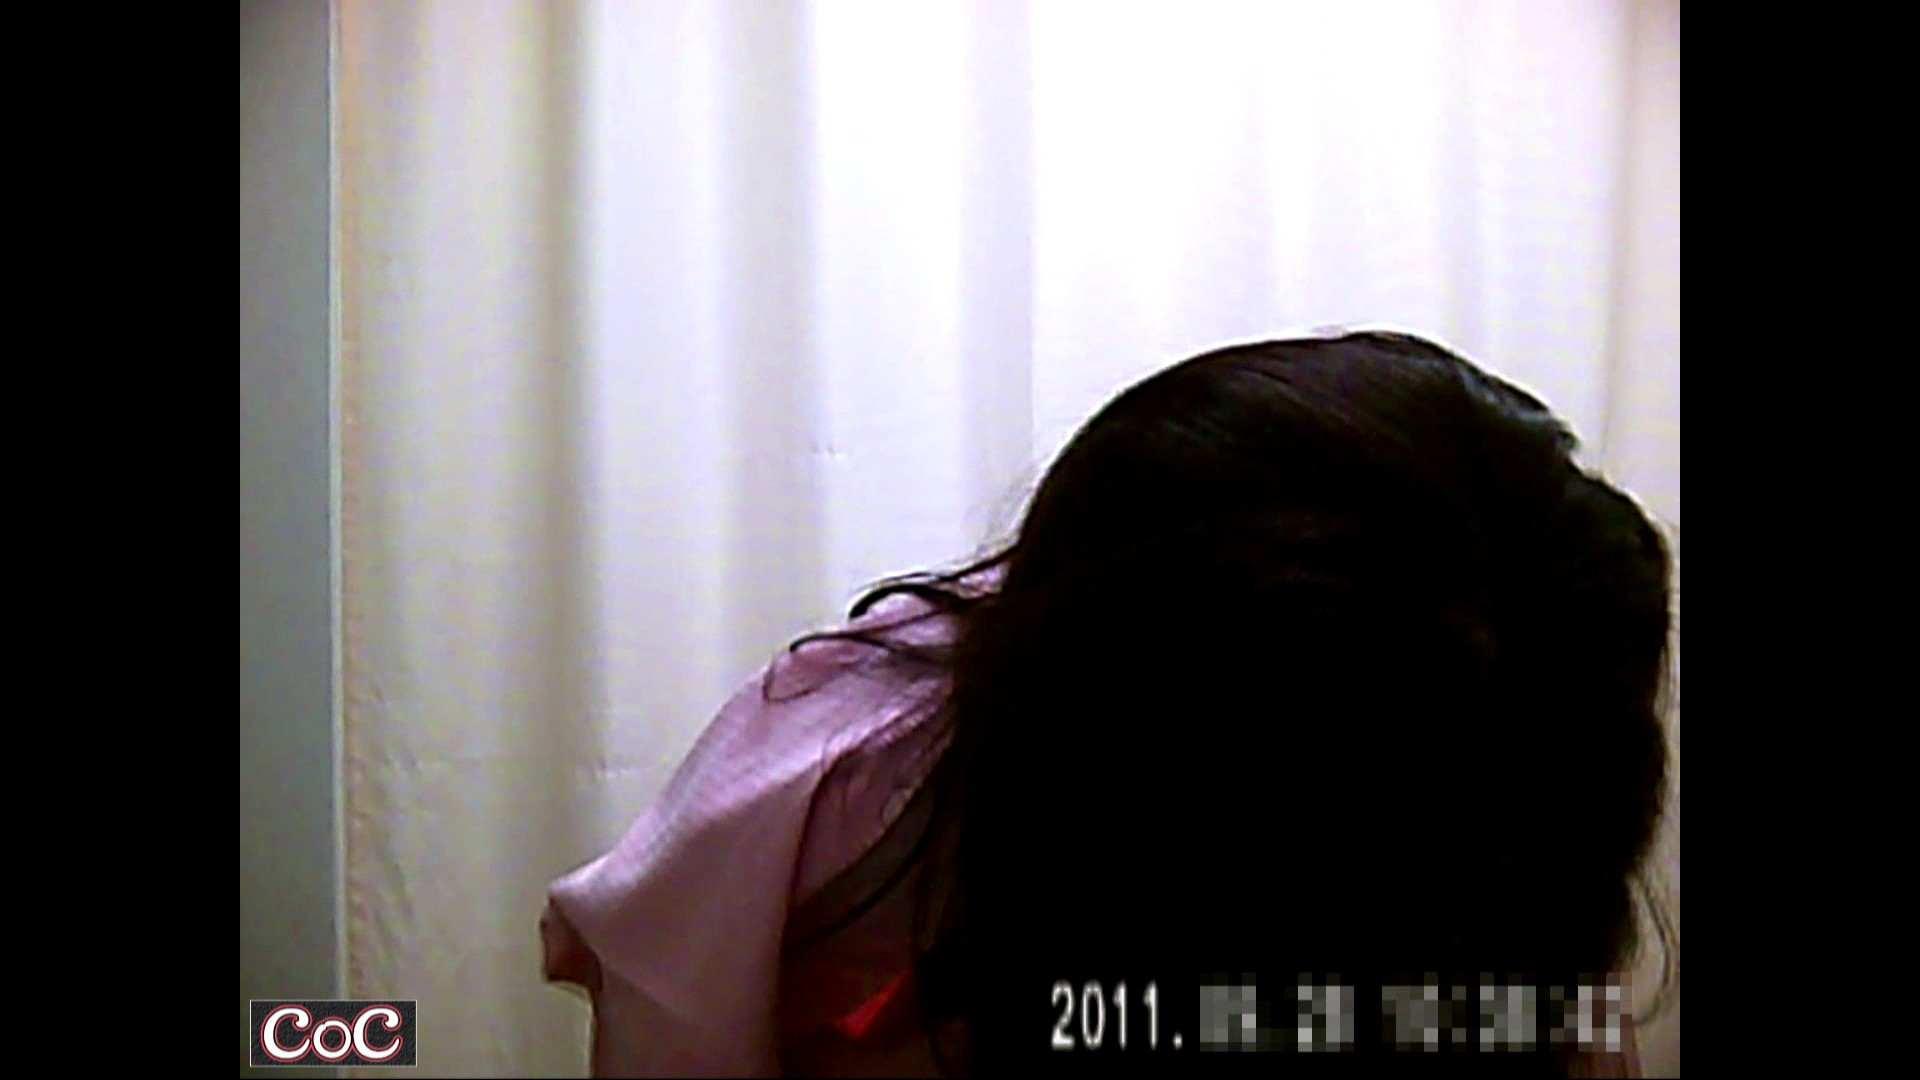 病院おもいっきり着替え! vol.41 巨乳 オマンコ動画キャプチャ 104pic 33